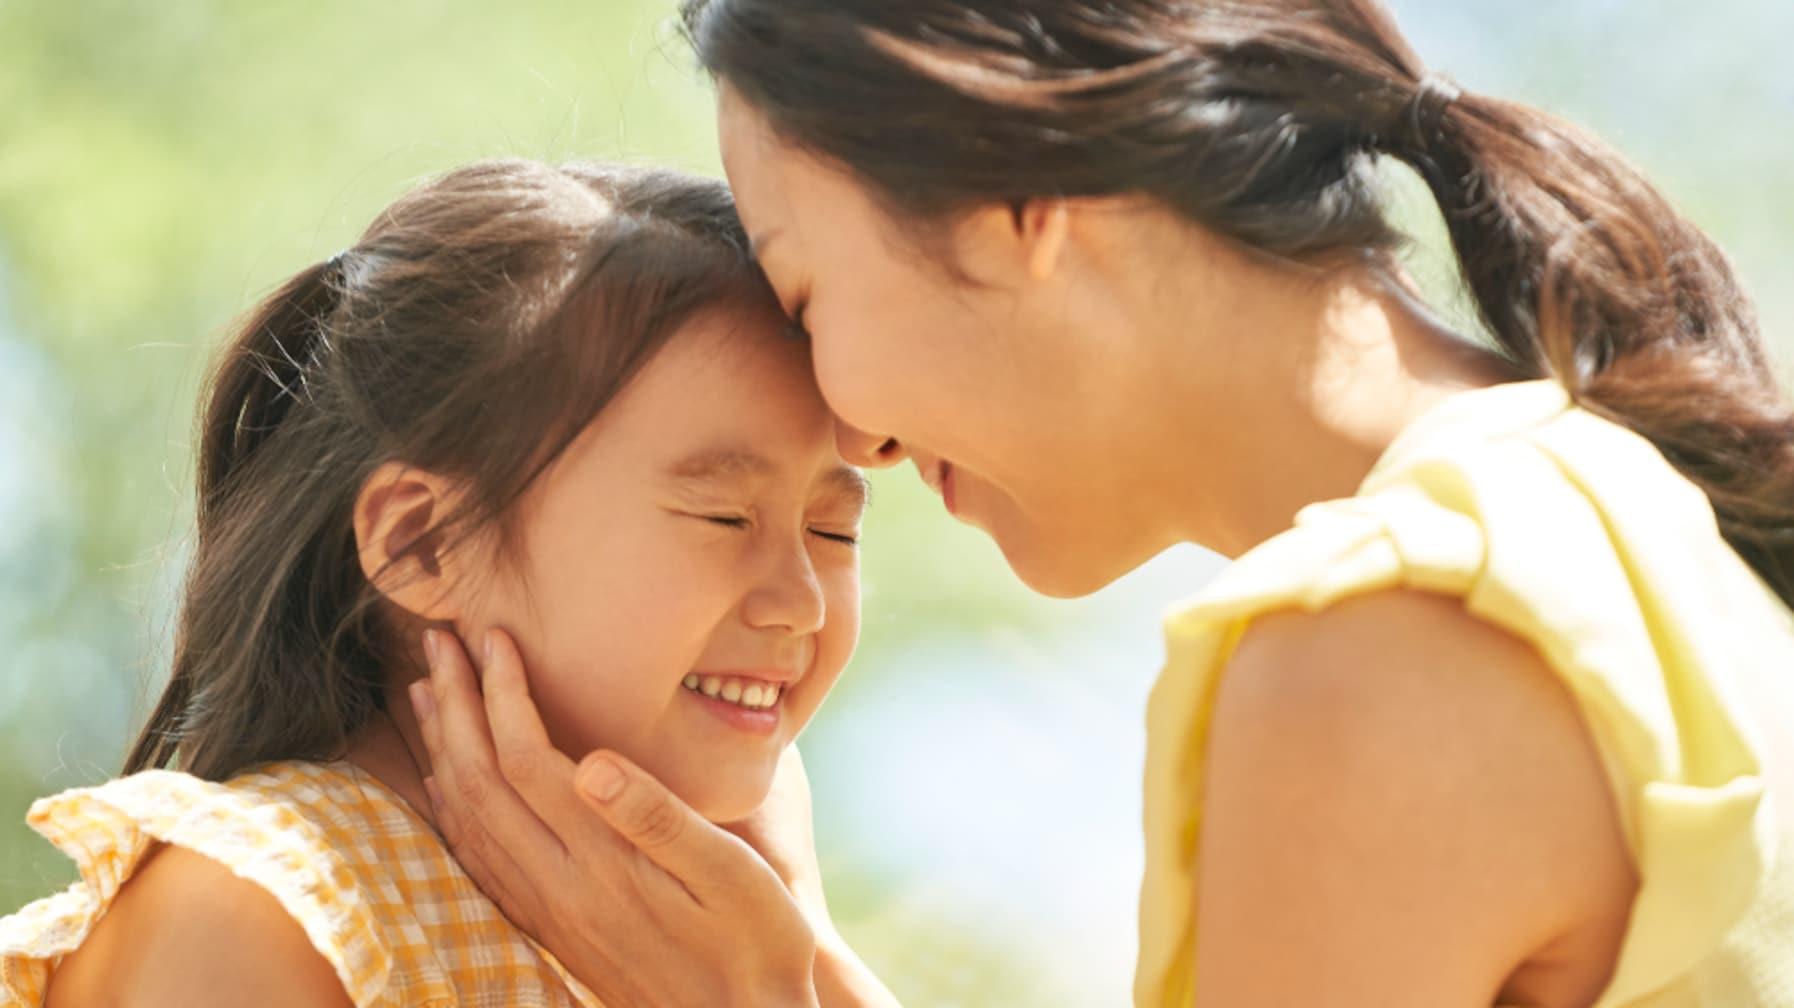 """「子どもがやっていることは絶対に…」子育てで痛感した"""" 褒めて育てる"""" ことの大切さに納得の声"""